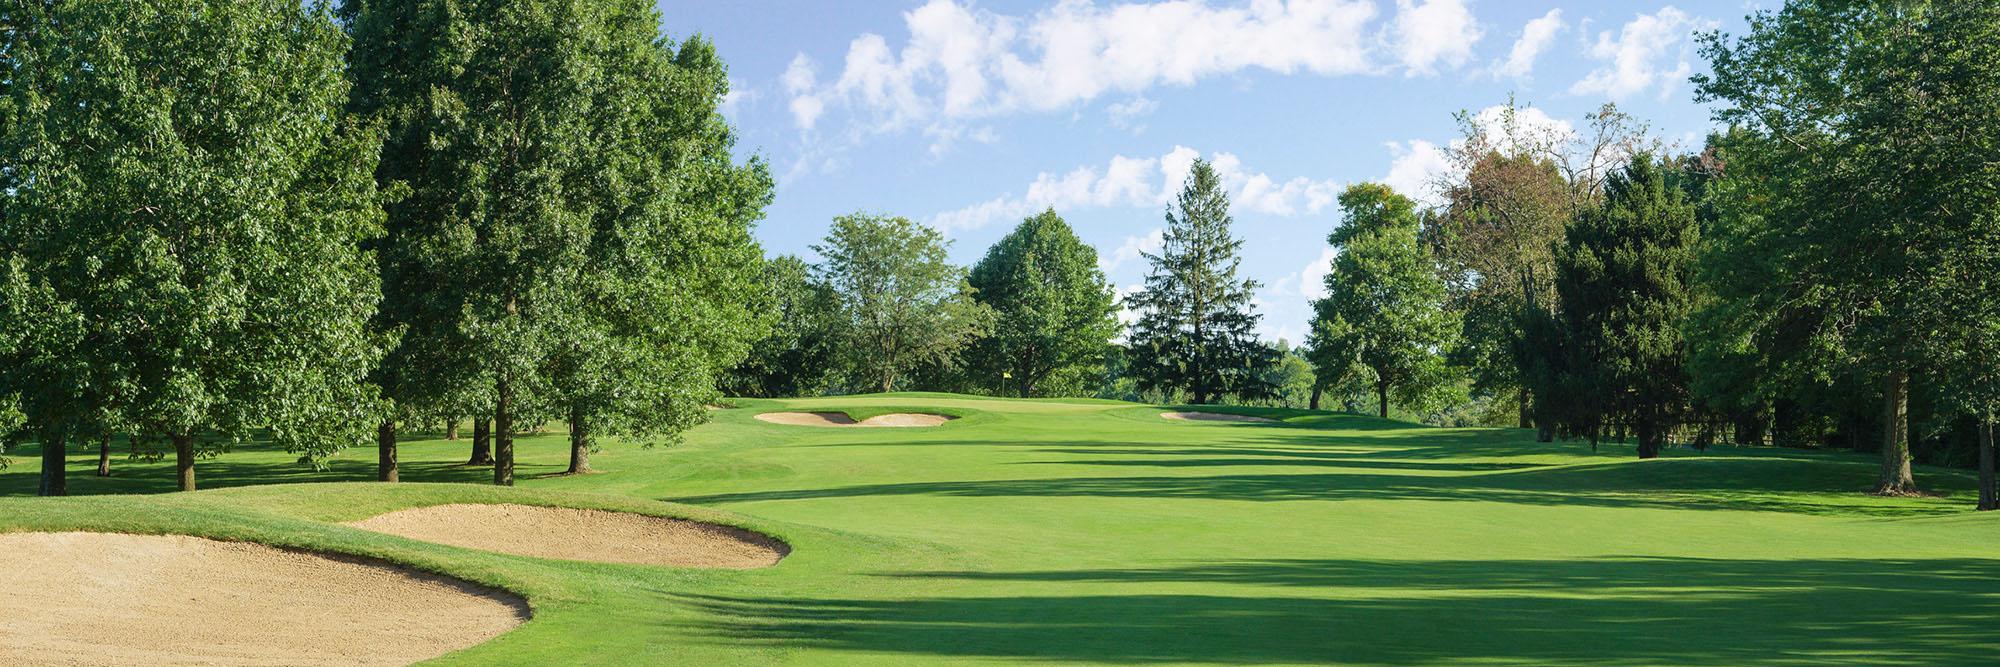 Golf Course Image - Hickory Hills No. 5